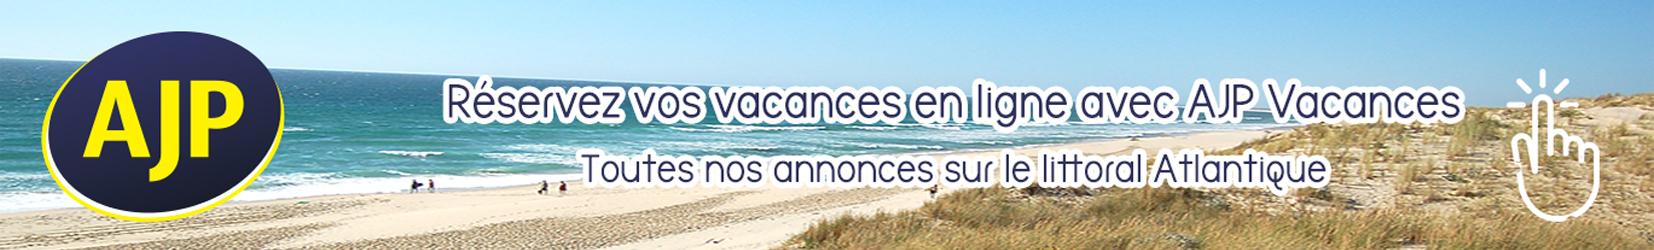 Réservez vos vacances en ligne avec AJP